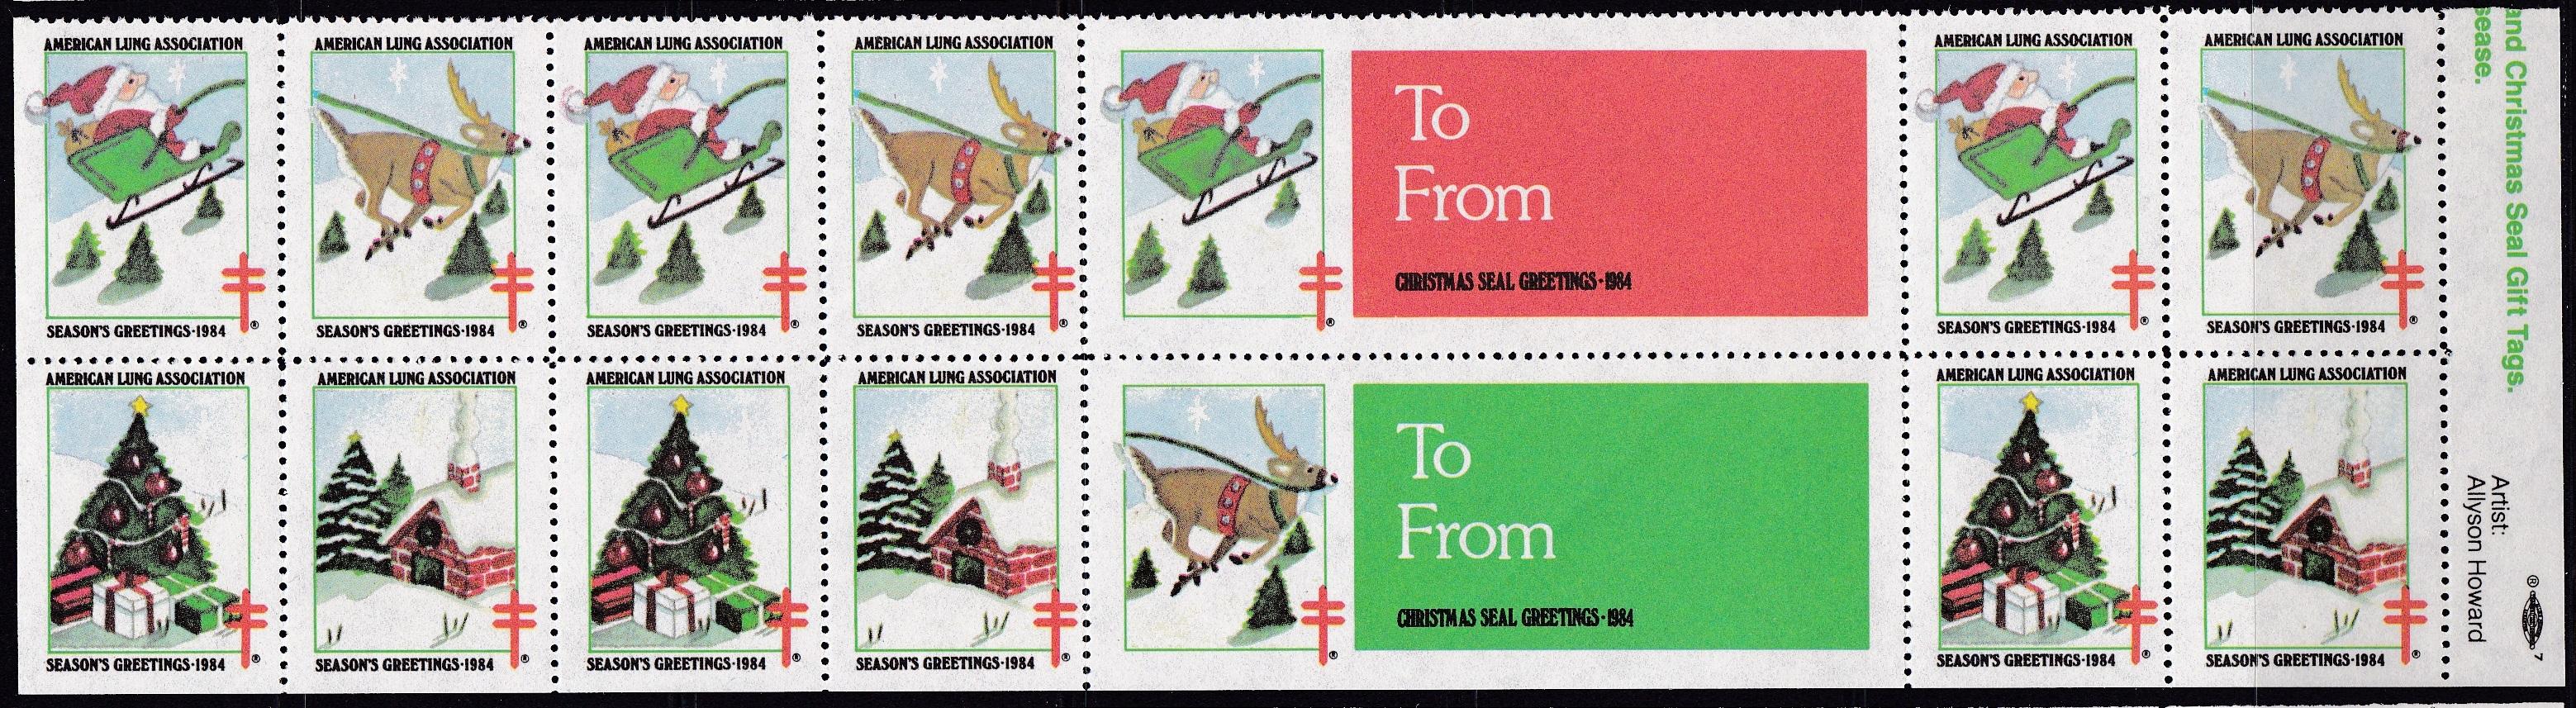 1984 Santa, Sleigh & Reindeer Design Experiment